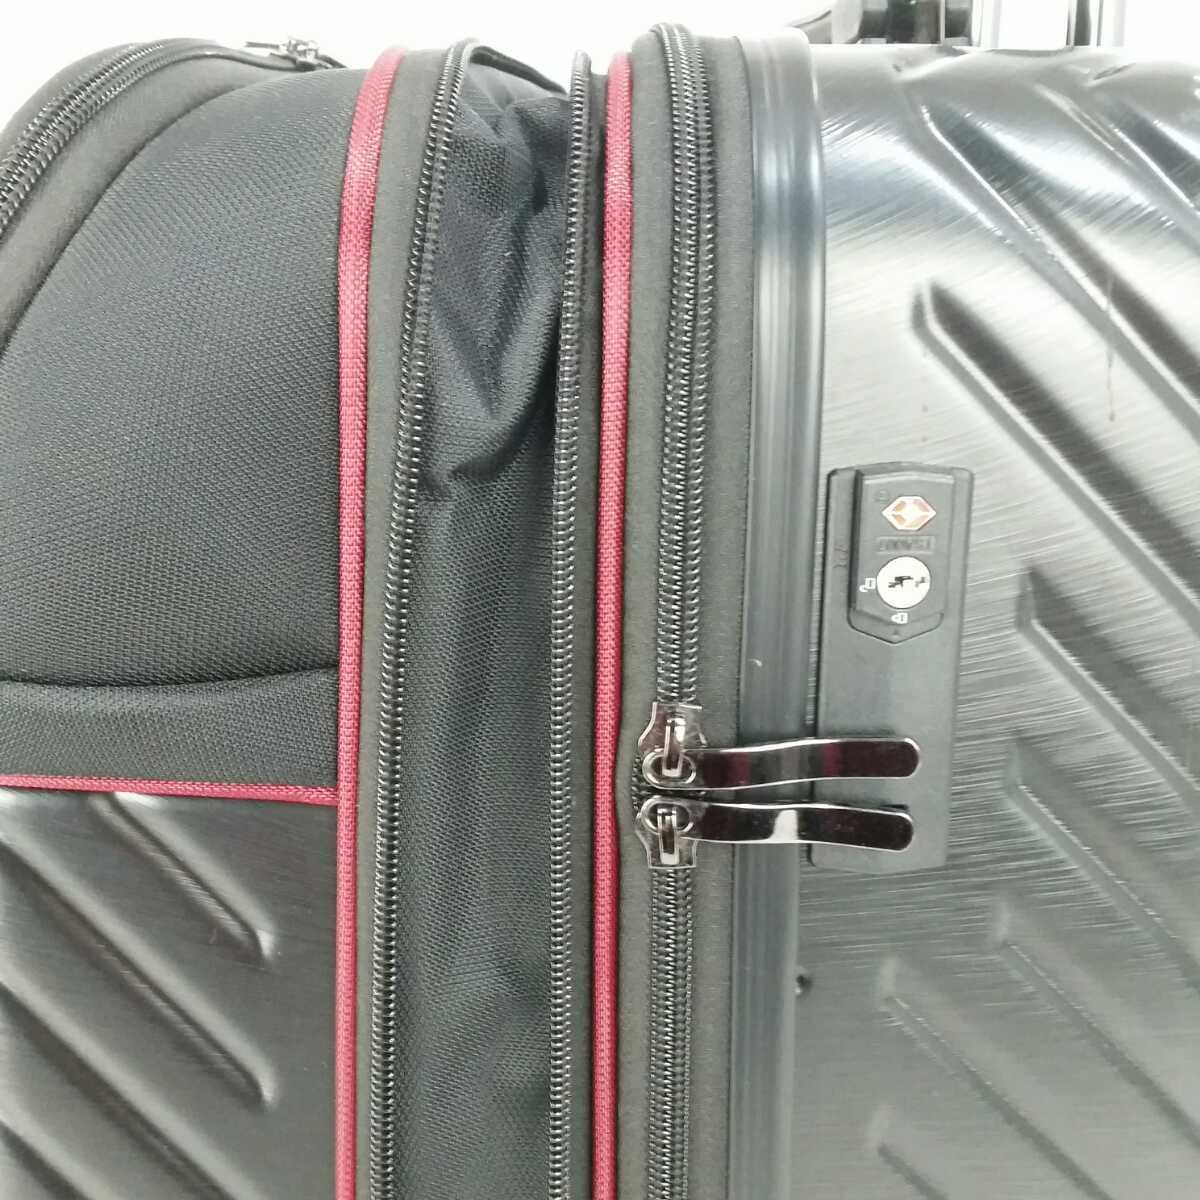 ス111 Sサイズ 横型 フロントオープン スーツケース キャリーケース 機内持ち込み 拡張機能 ブラック_画像6